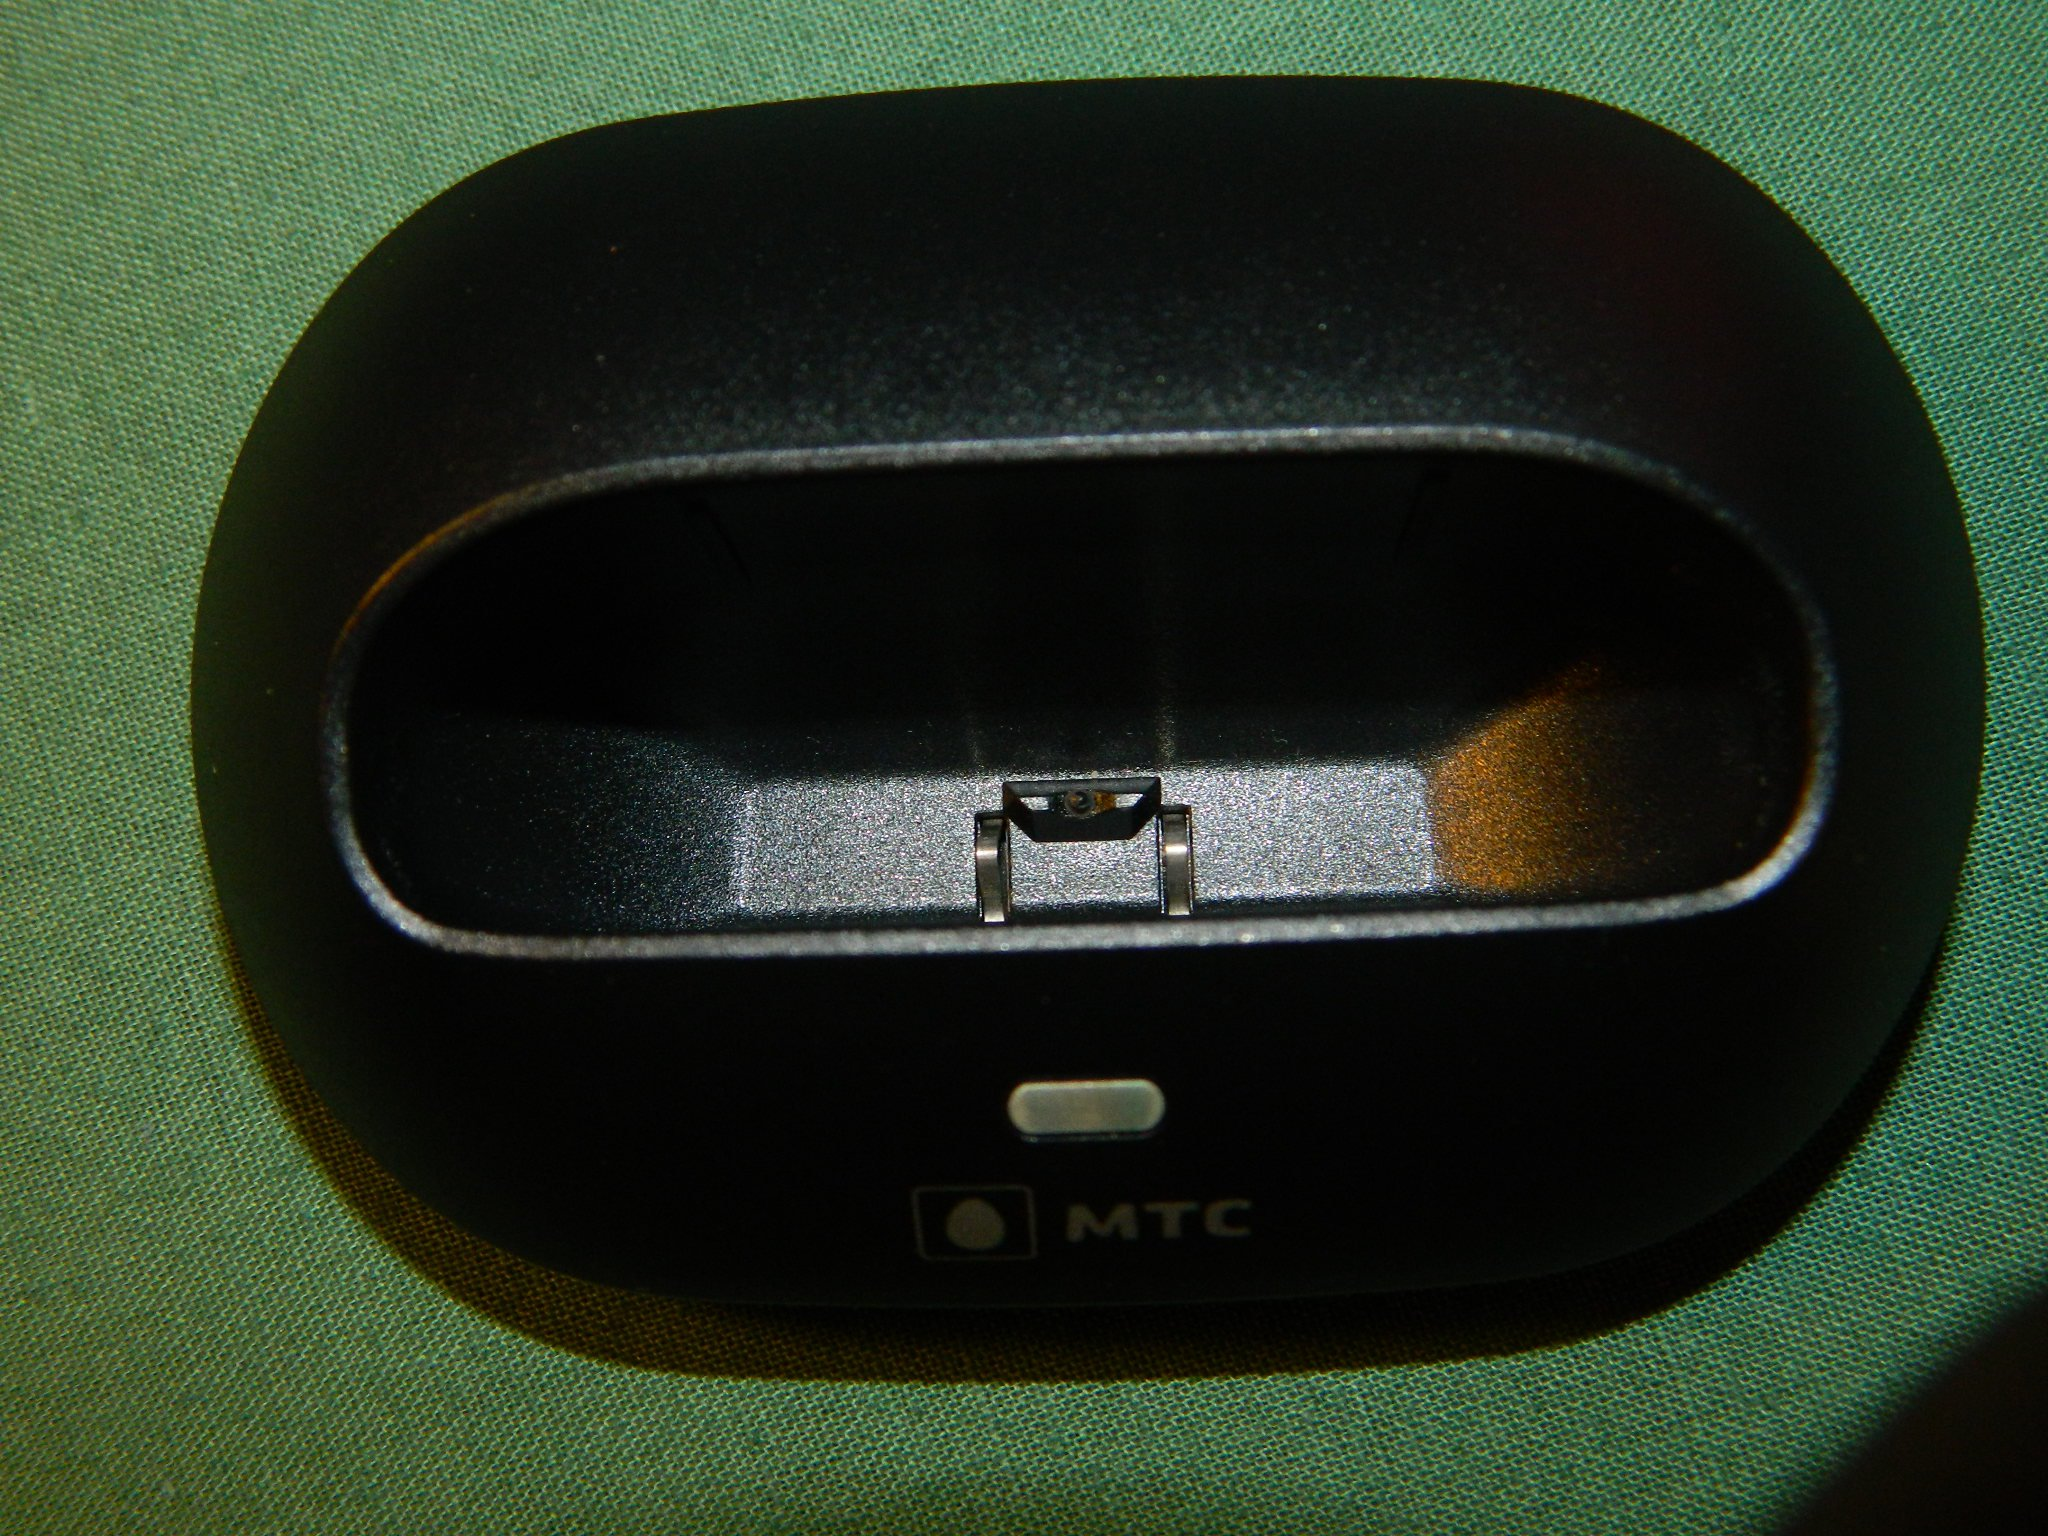 инструкция к телефону gt c3300k